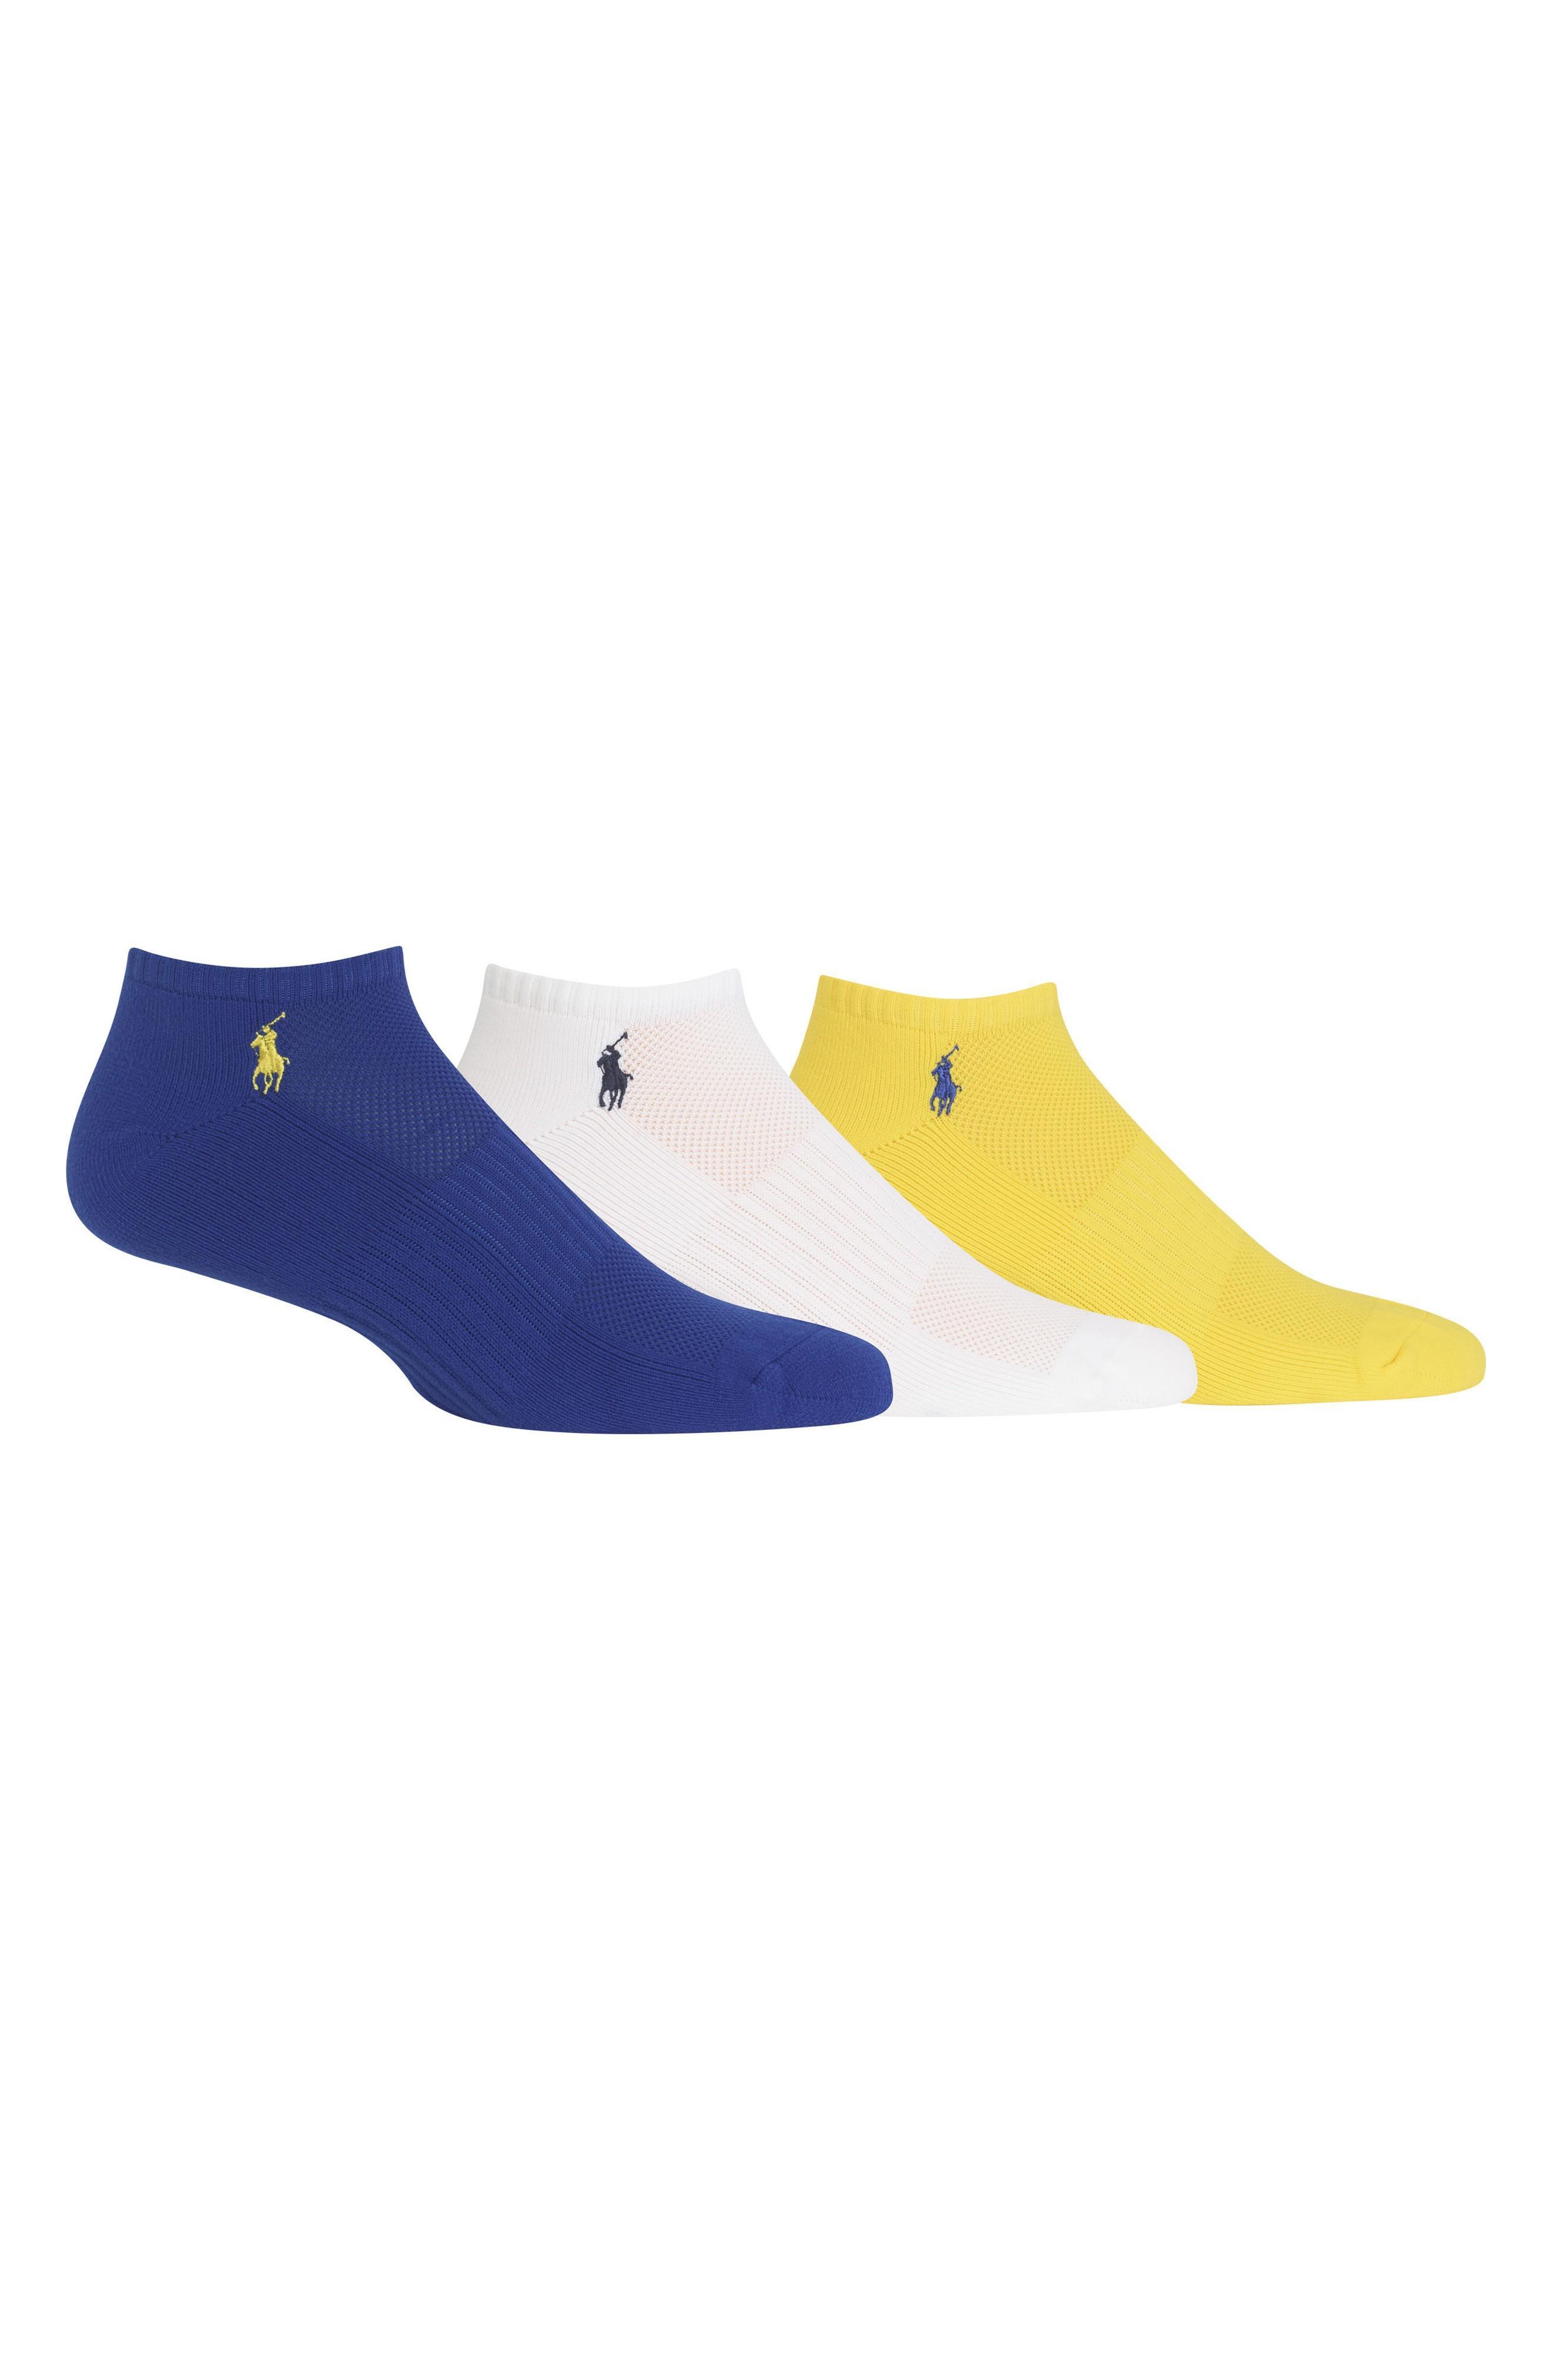 Polo Ralph Lauren 3-pack Technical Sport Socks In Royal/ White/ Yellow